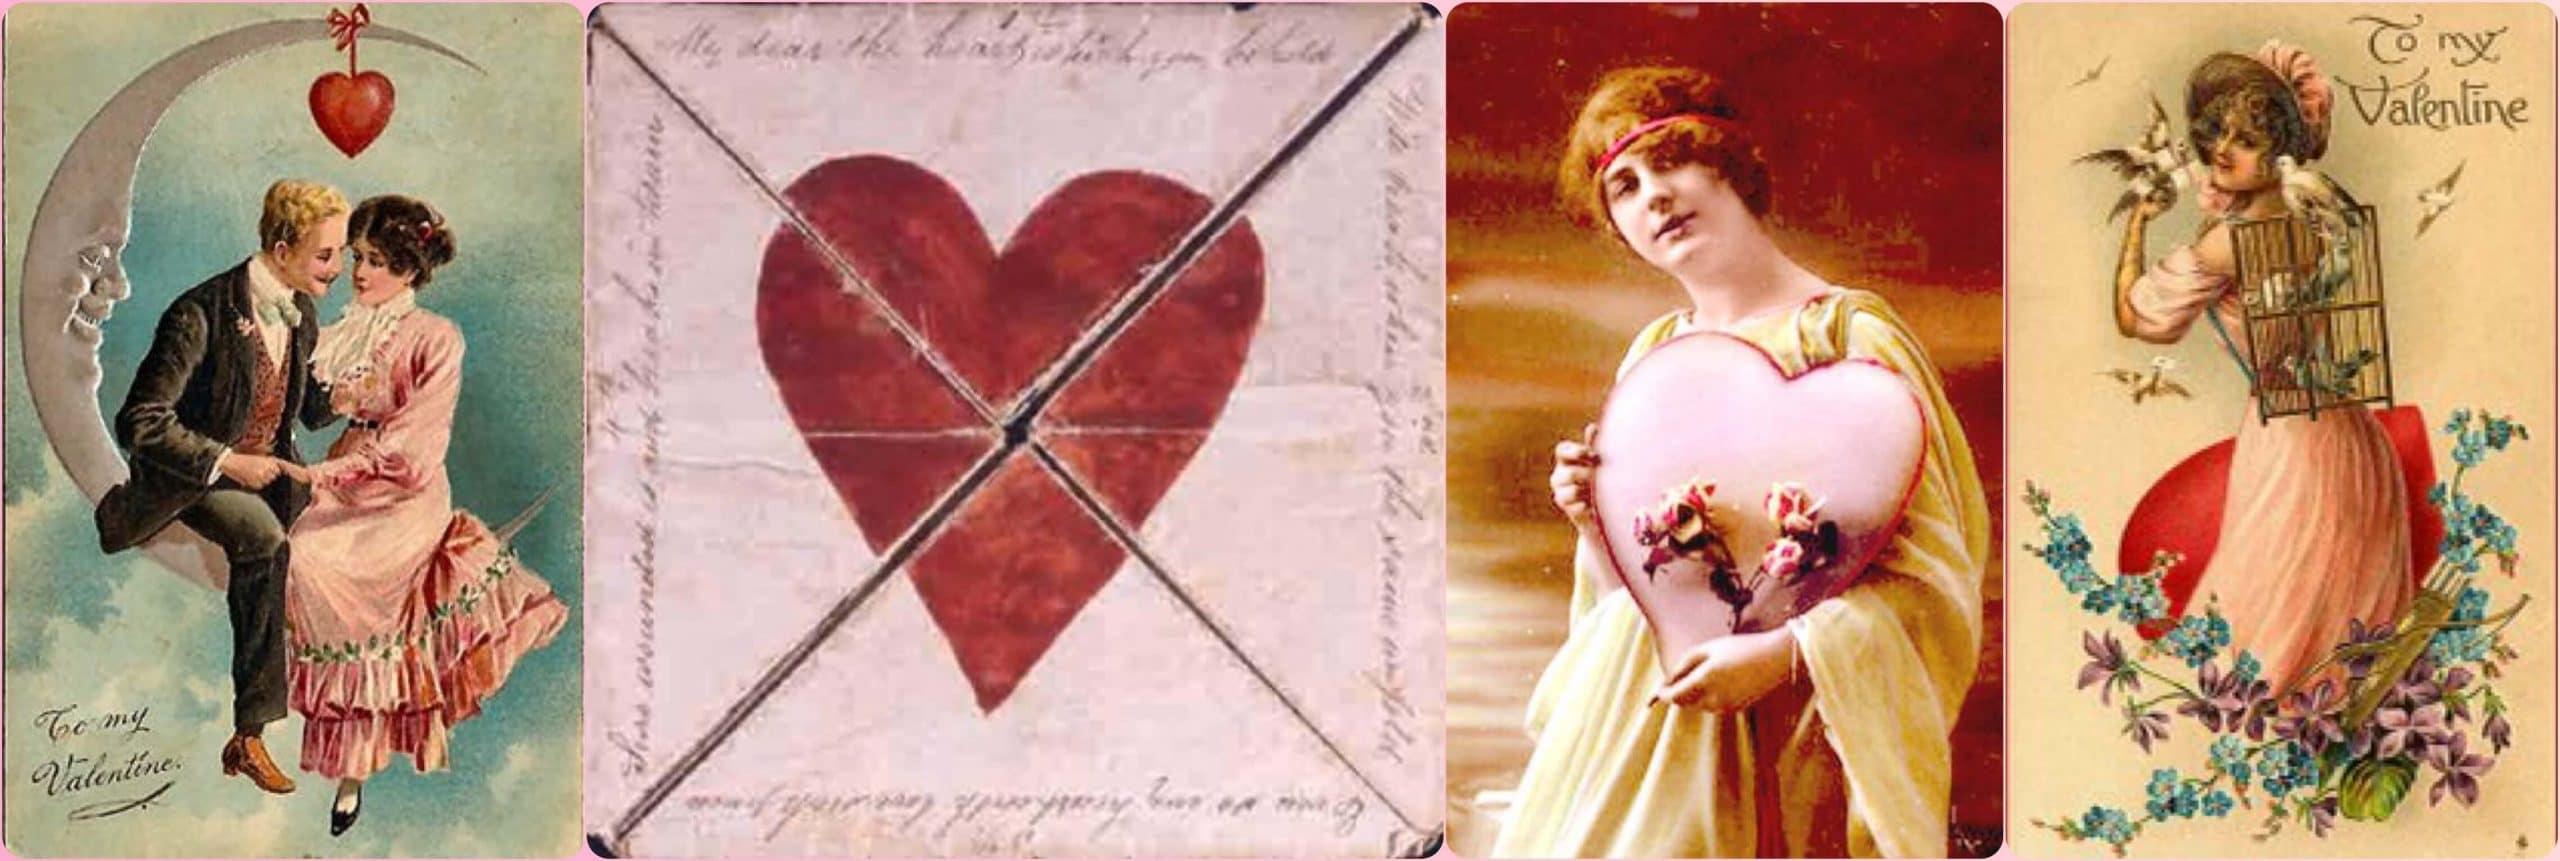 blog Alles over Valentijn cadeau's handgemaakte sieraden van Oogst goudsmid Amsterdam